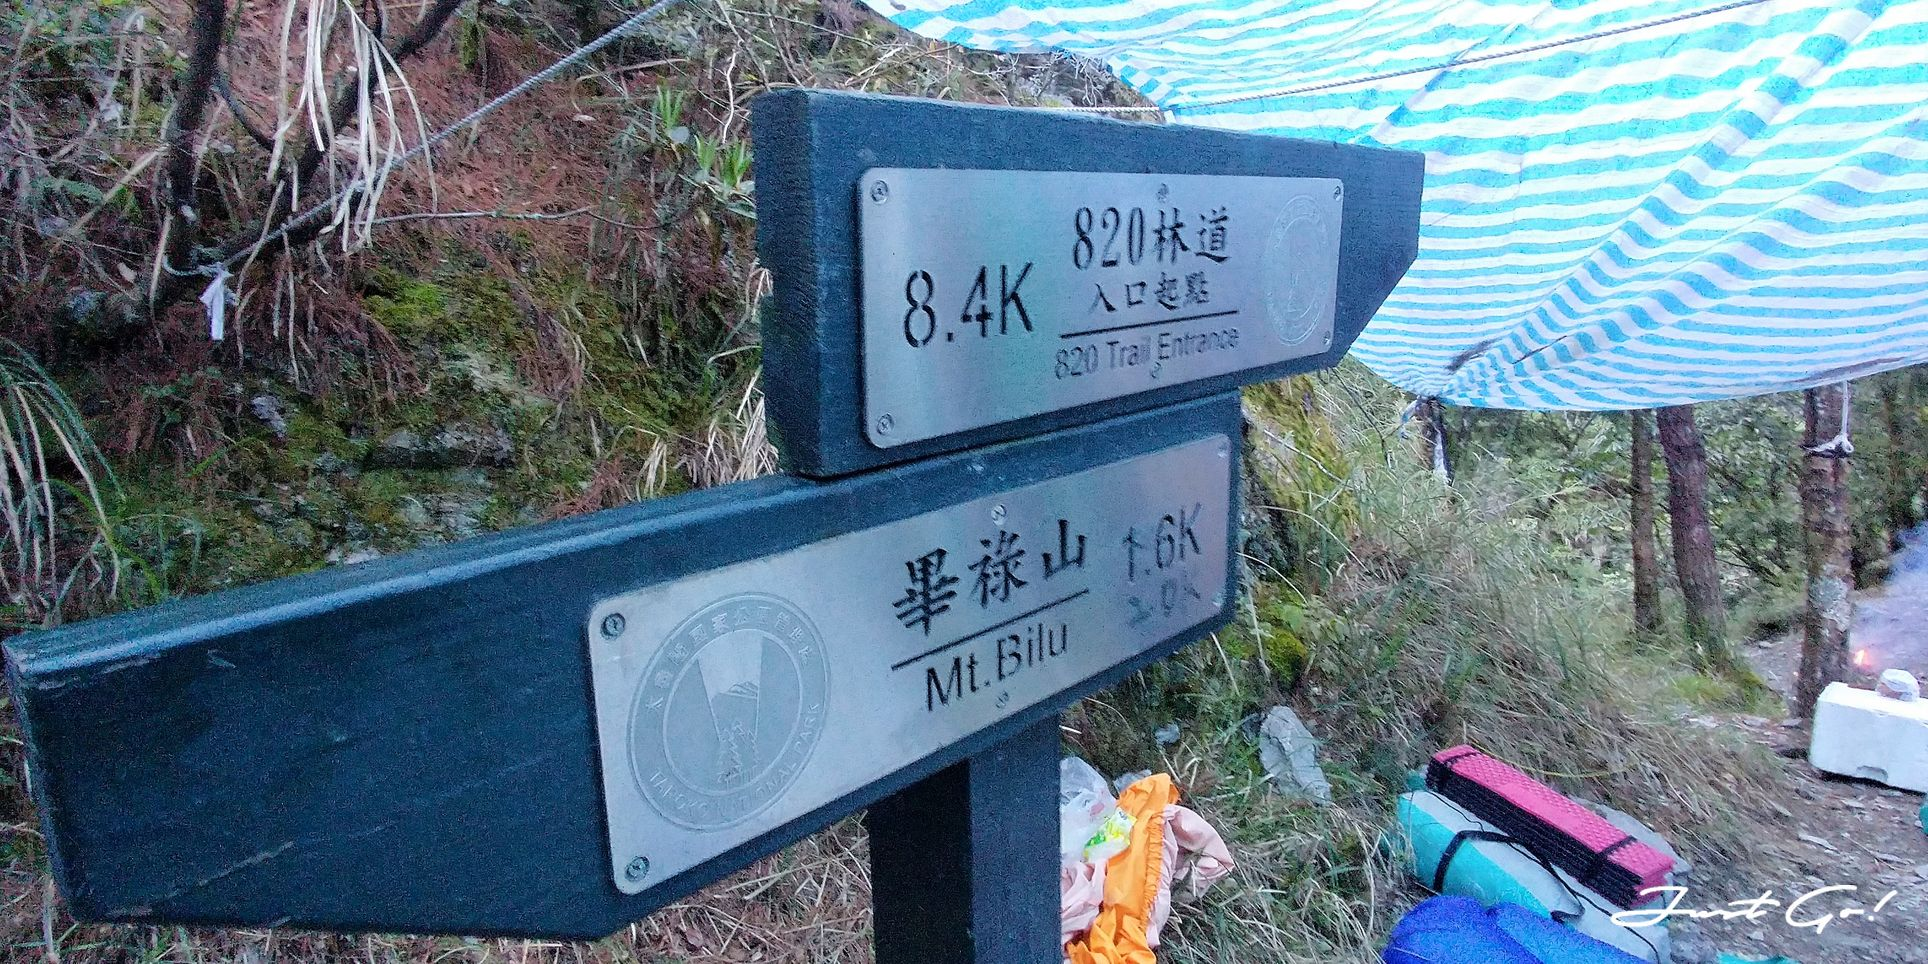 台灣 - 一日百岳·畢祿羊頭縱走單攻紀錄- gpx路線、申請、接駁及遊記5